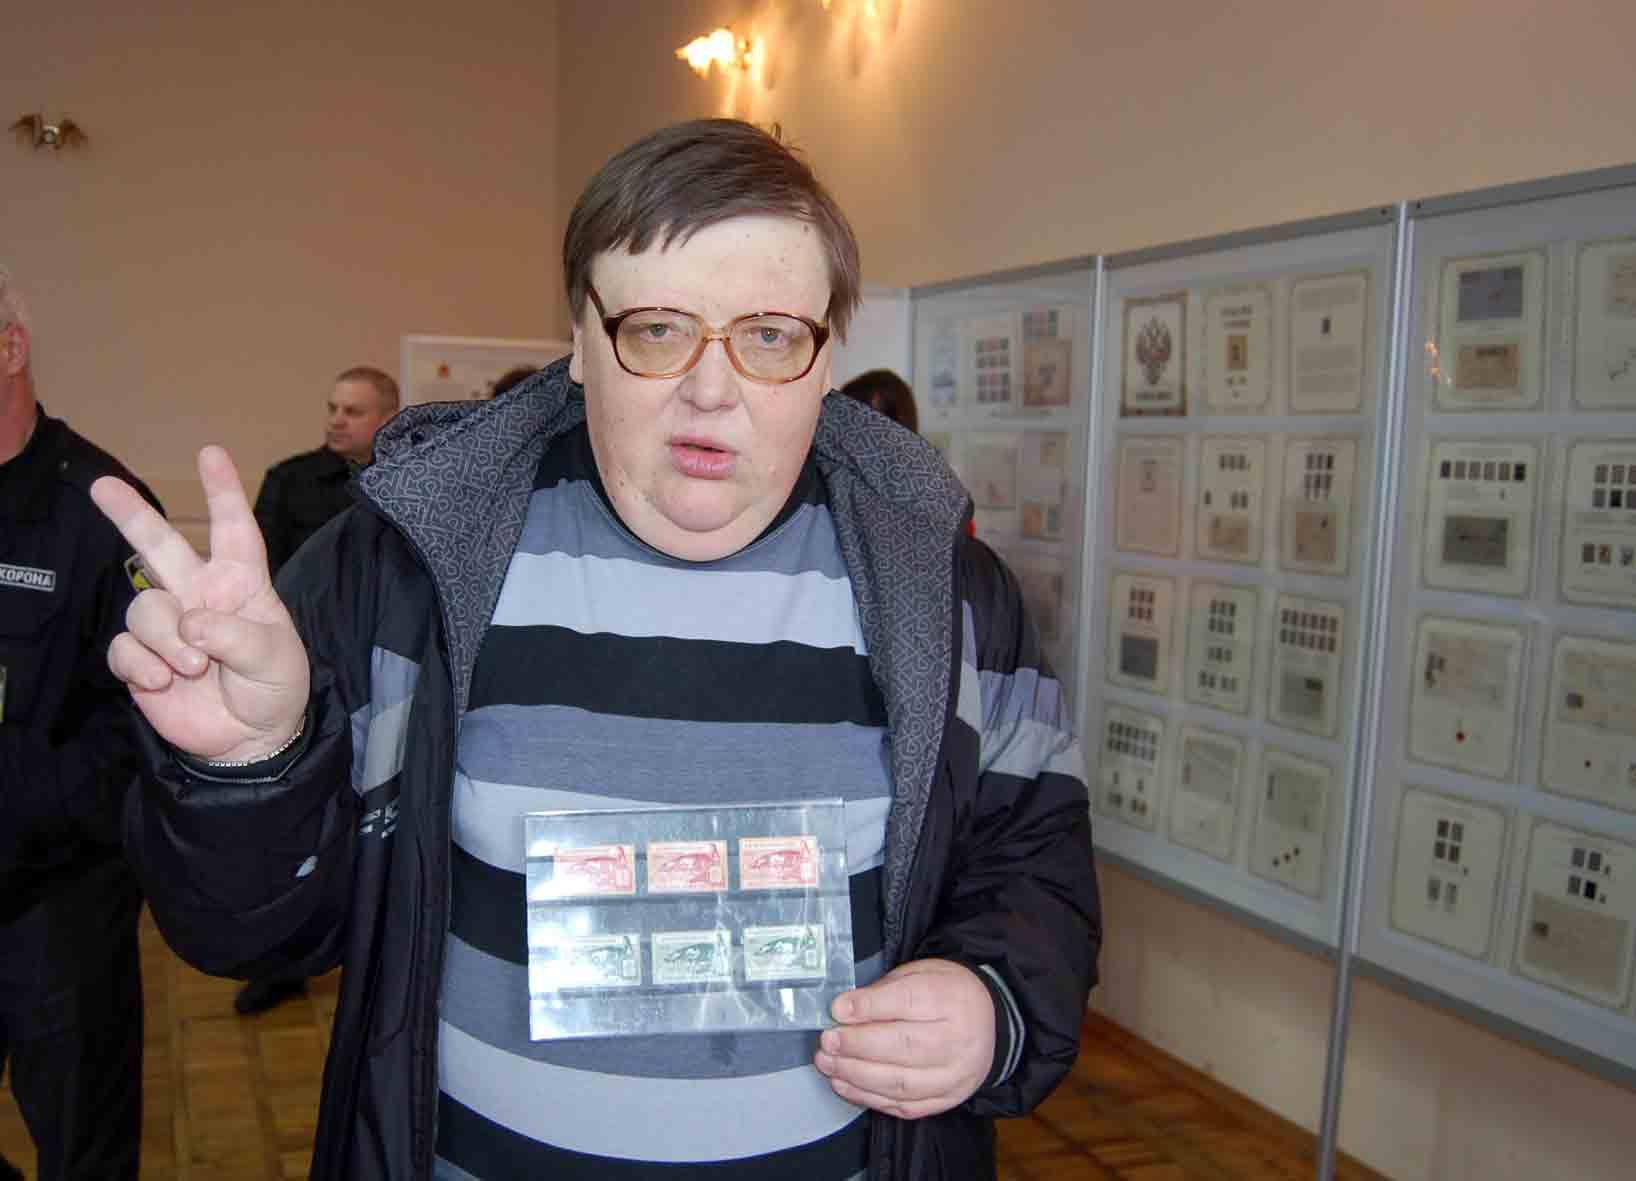 Николай Семенов-первый победитель аукциона . Слет филателистов в Днепропетровске 27 марта 2016г.